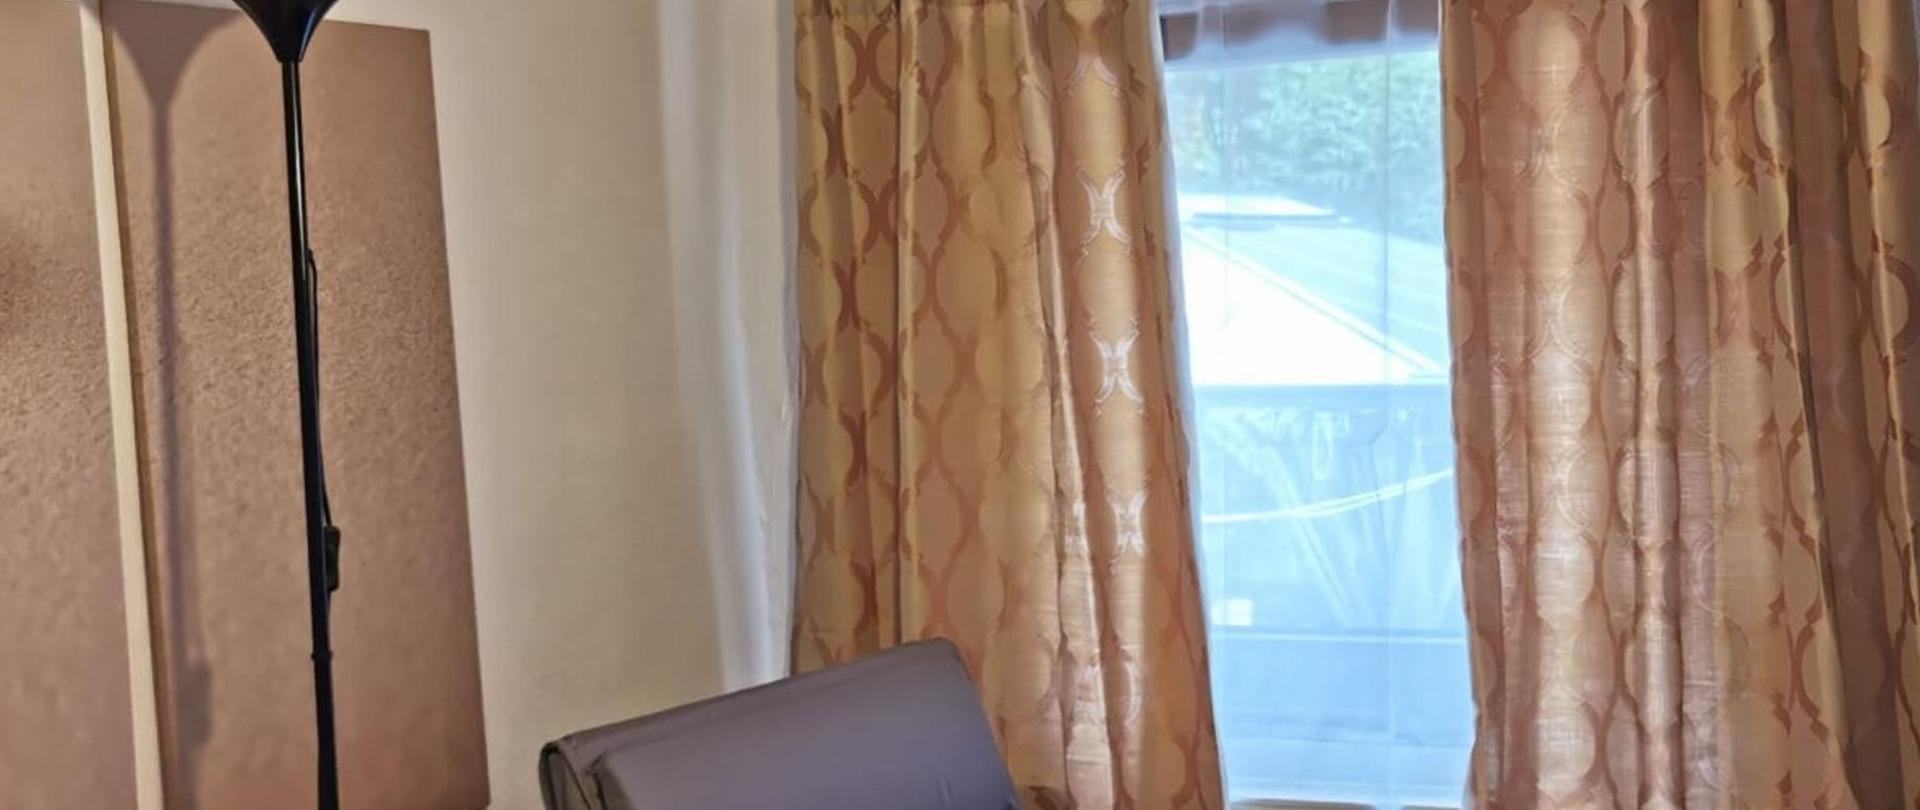 Kleines Zimmer-2-050720.jpg